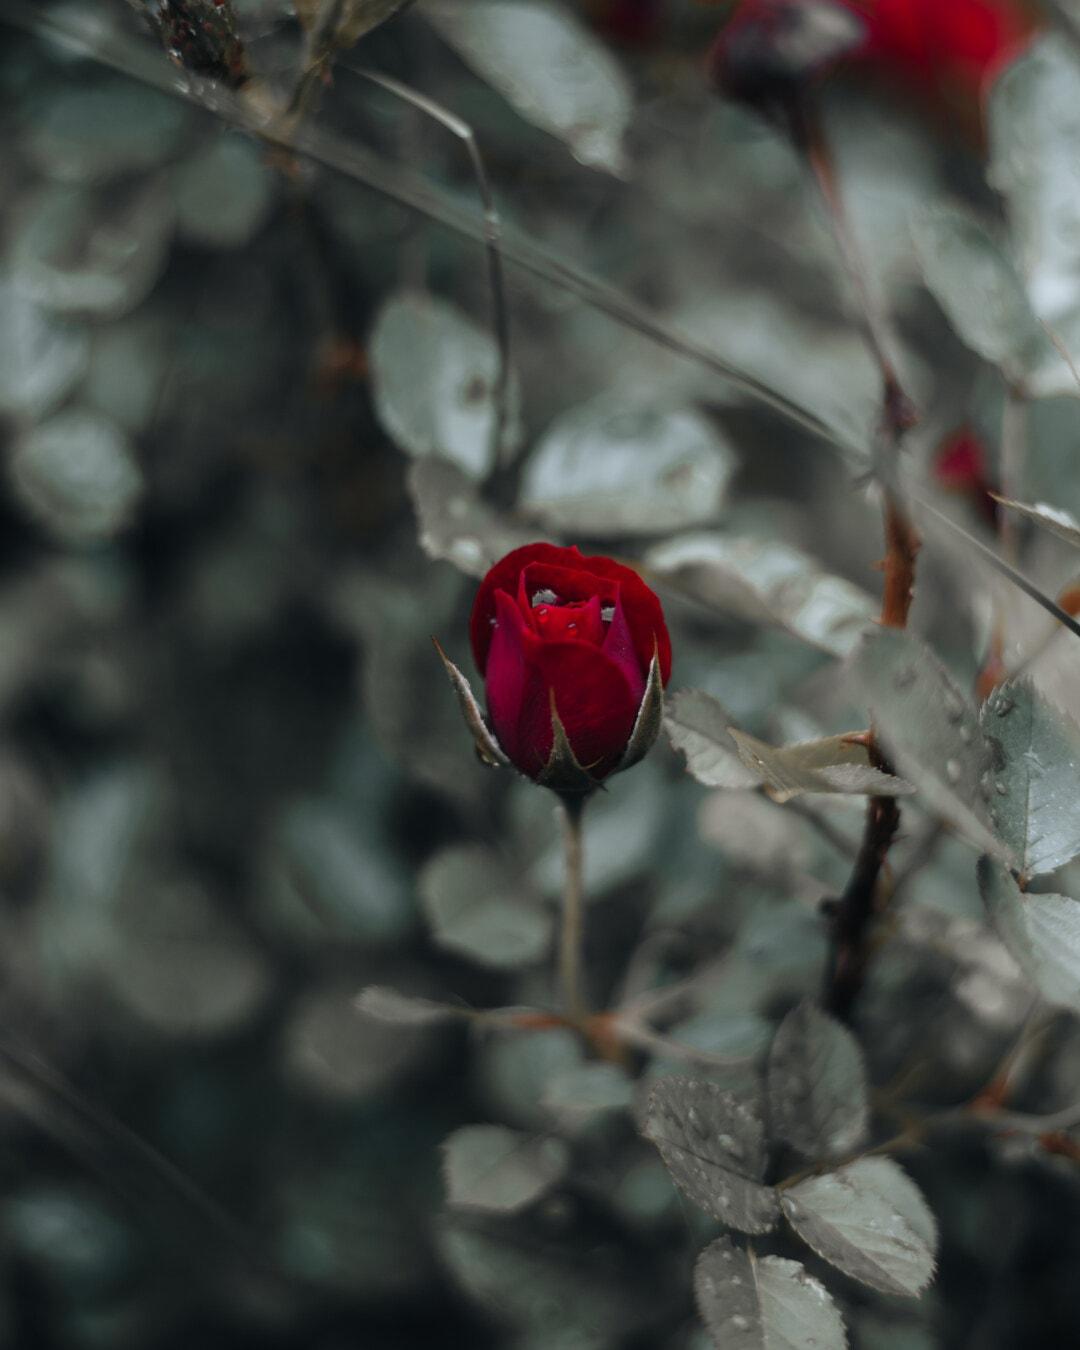 Rose, rosée, humidité, goutte d'eau, goutte de pluie, arbuste, fleur, nature, plante, feuille